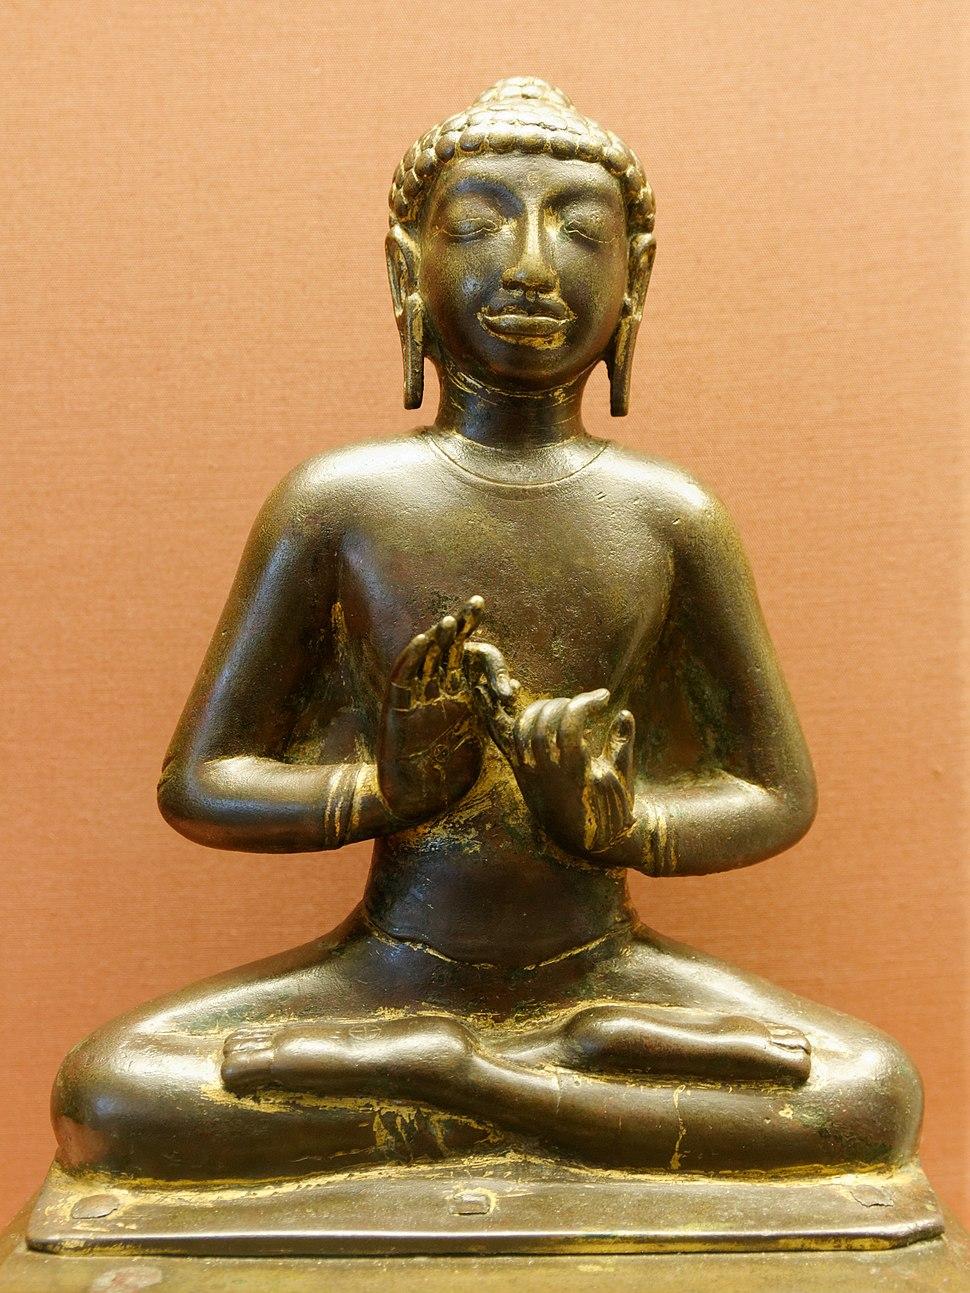 Seated Buddha BM OA1969.7-25.1